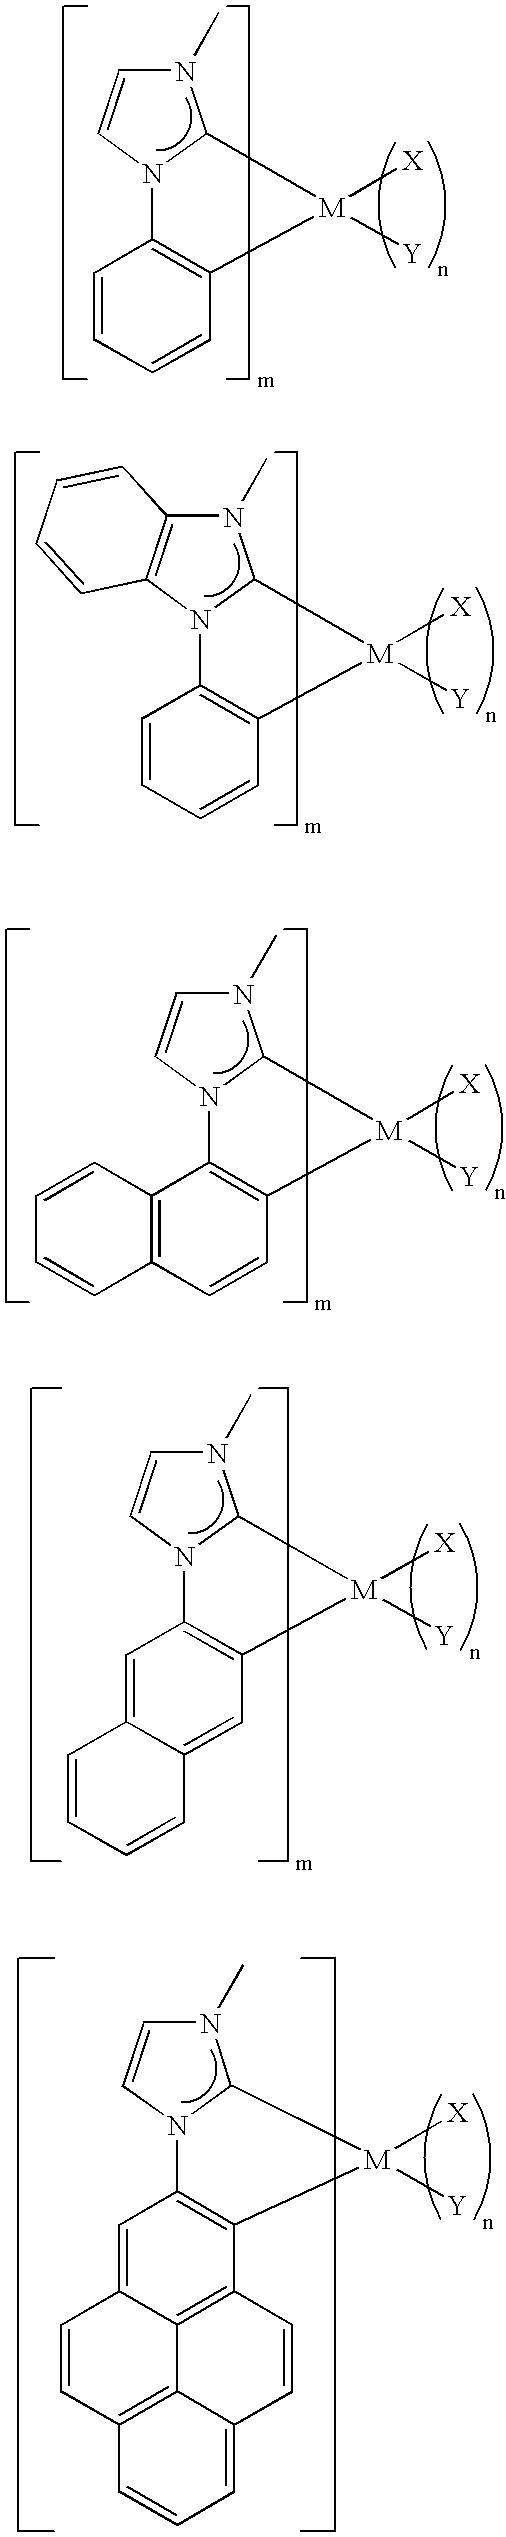 Figure US20050260441A1-20051124-C00095